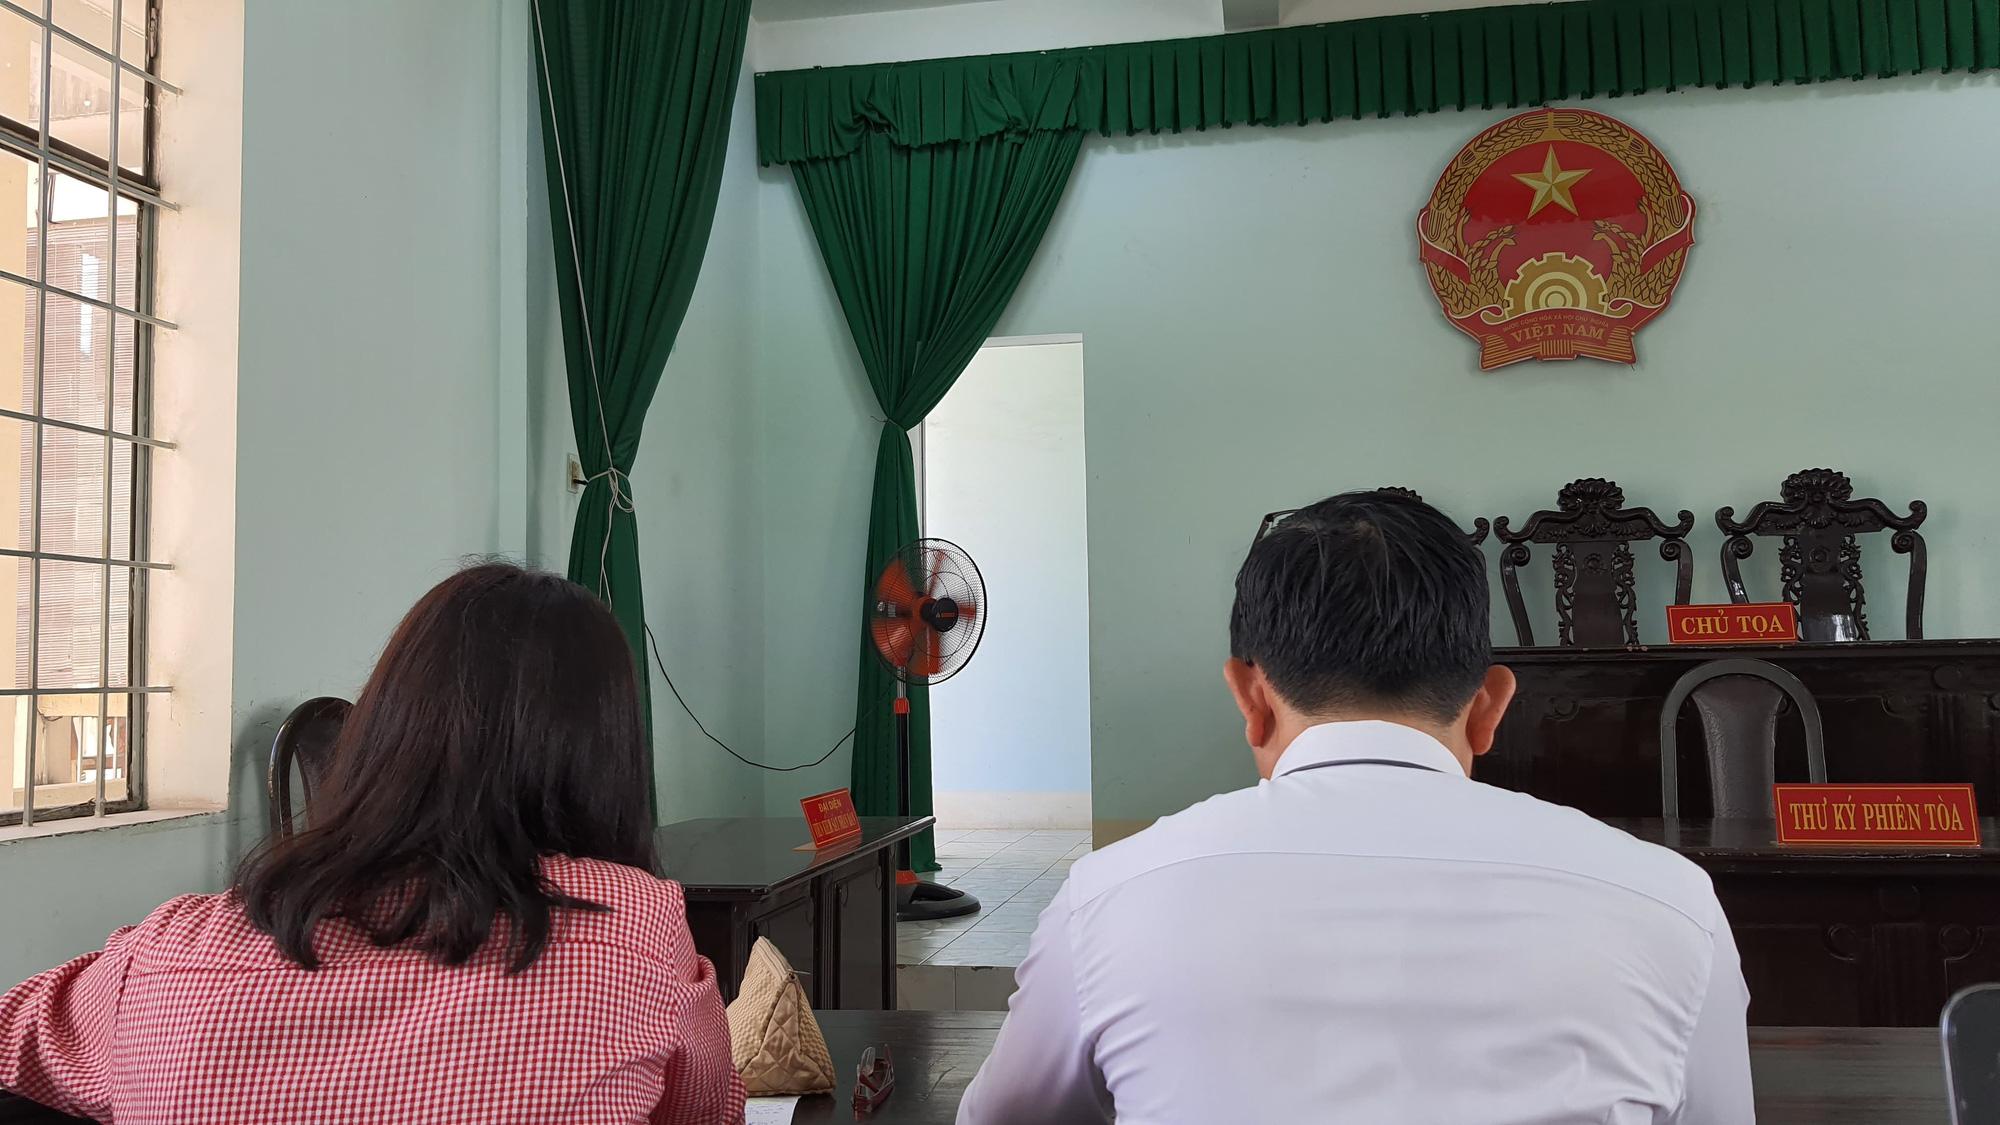 Buộc thôi việc đột ngột, Coca-Cola Việt Nam phải bồi thường tiền khủng cho cựu nhân viên - Ảnh 1.